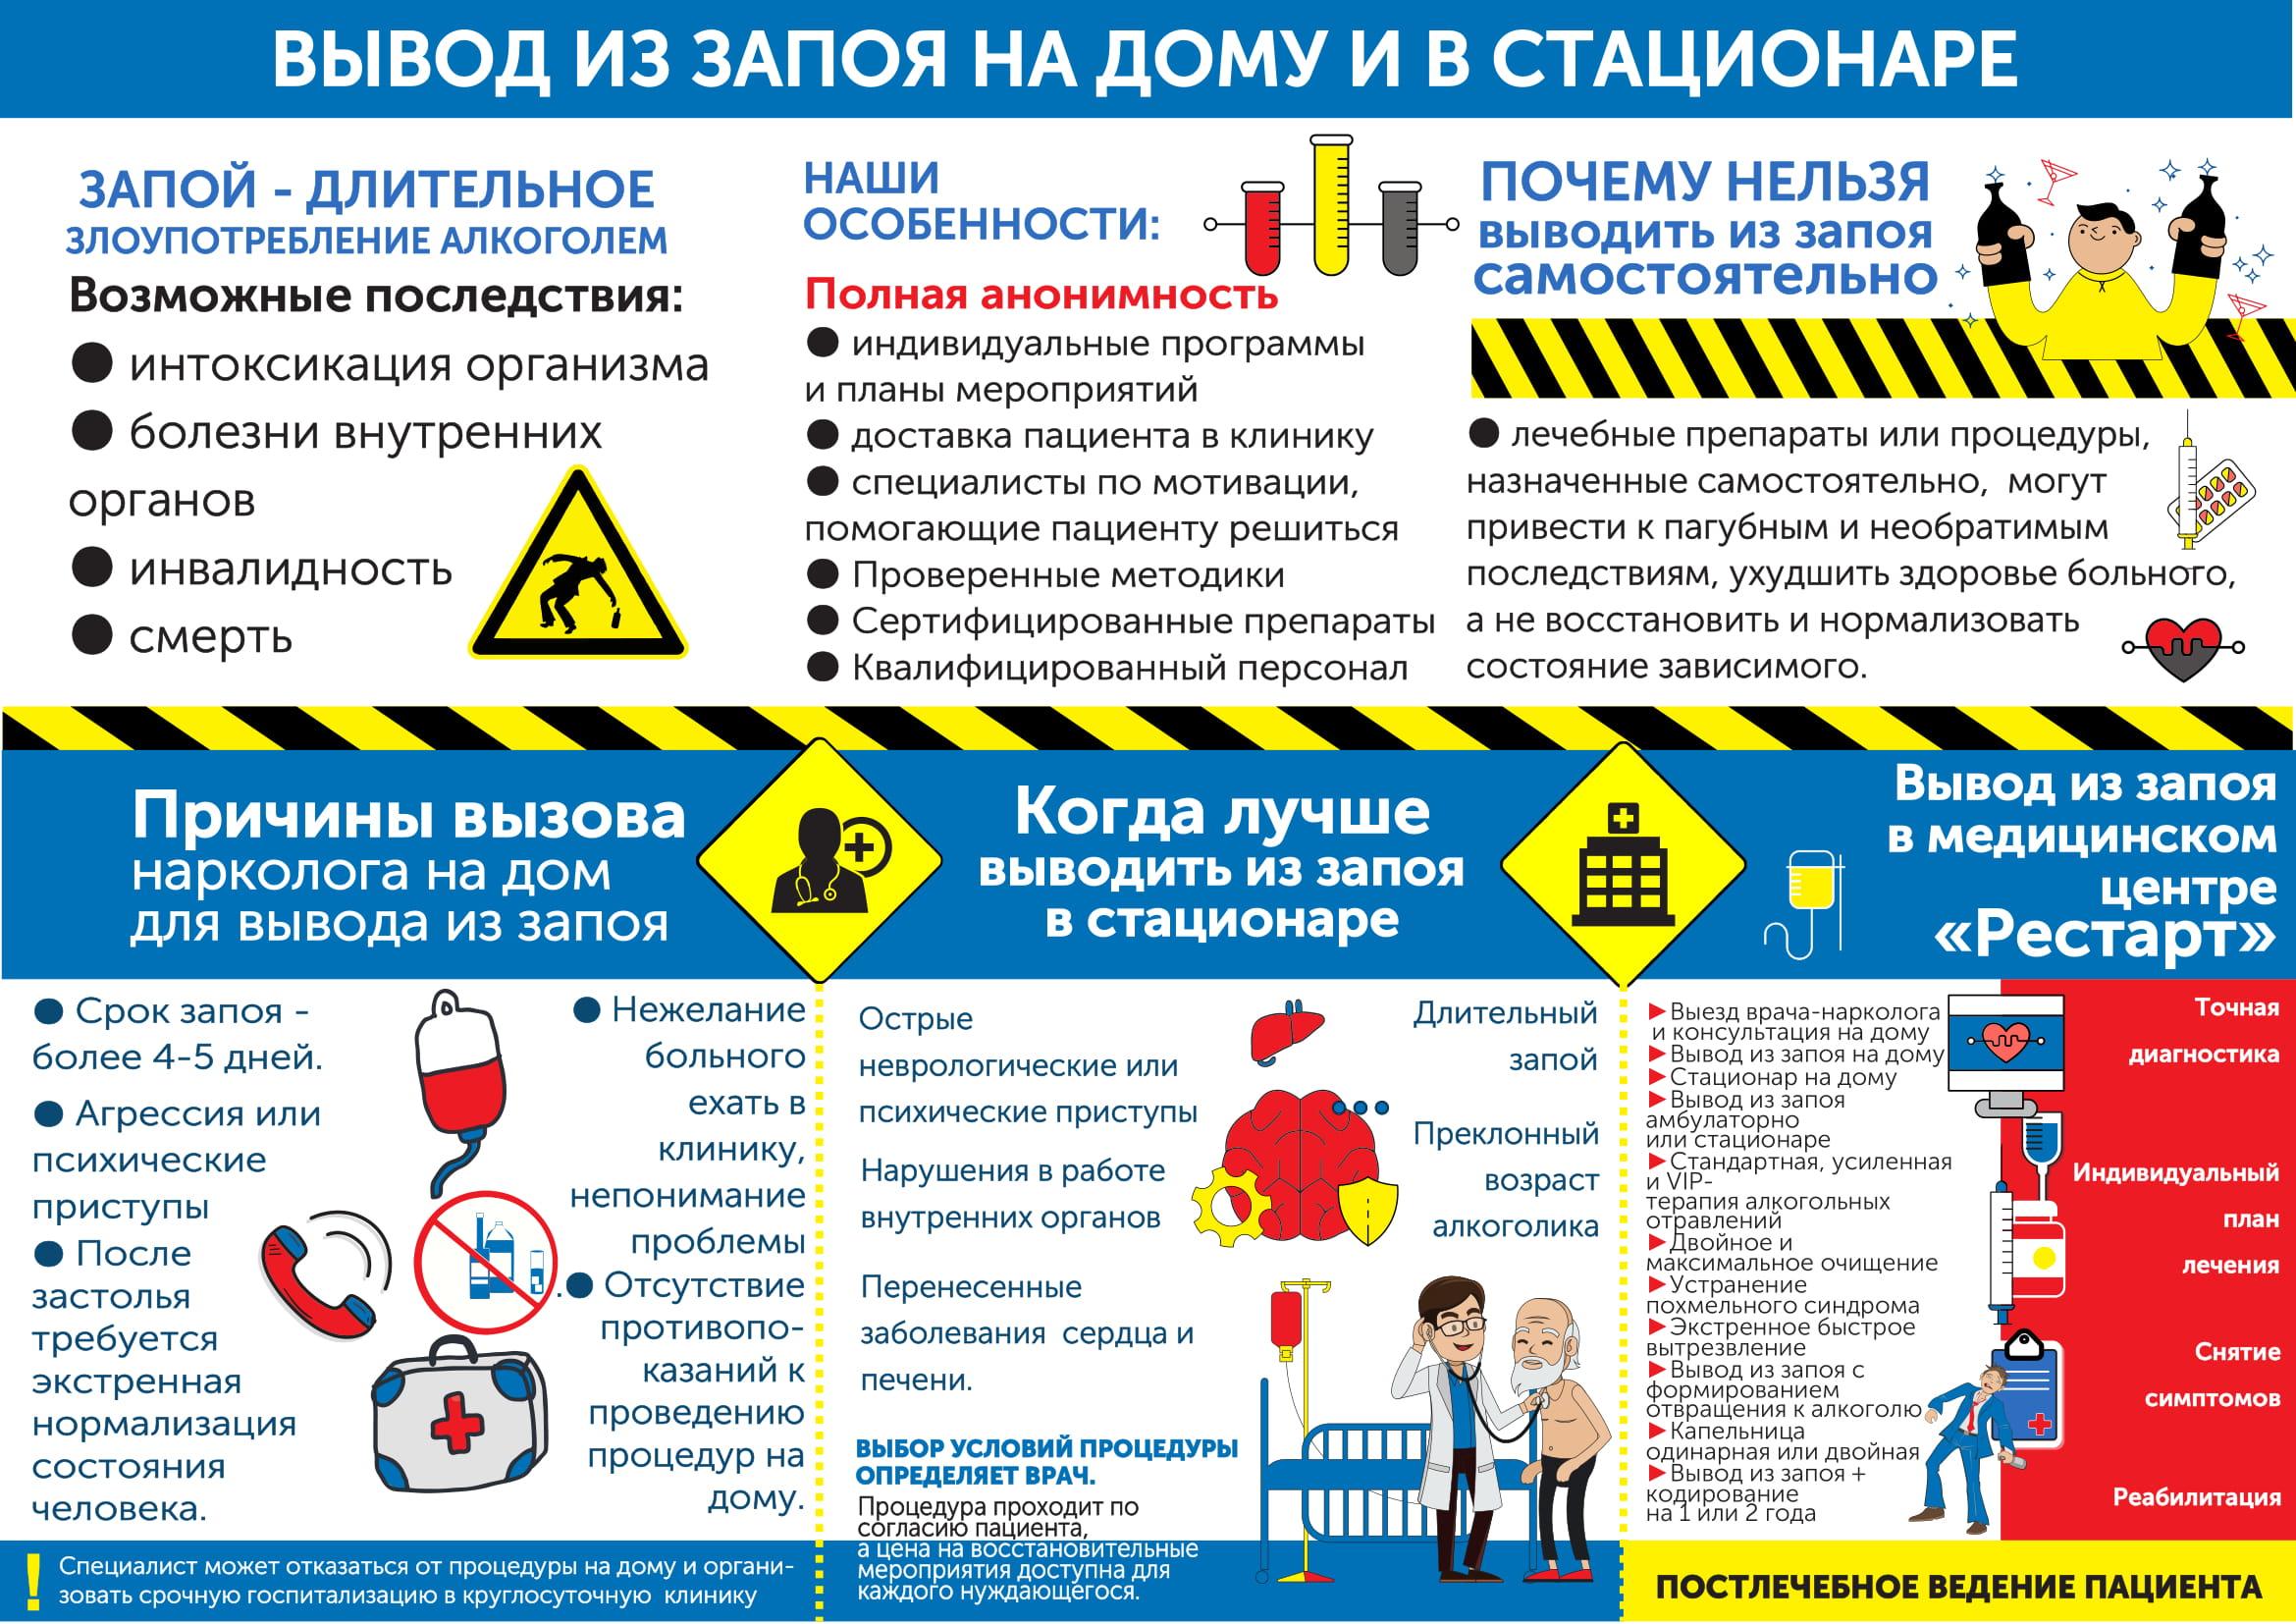 Вывод из запоя в Нижнем Новгороде на дому и в стационаре